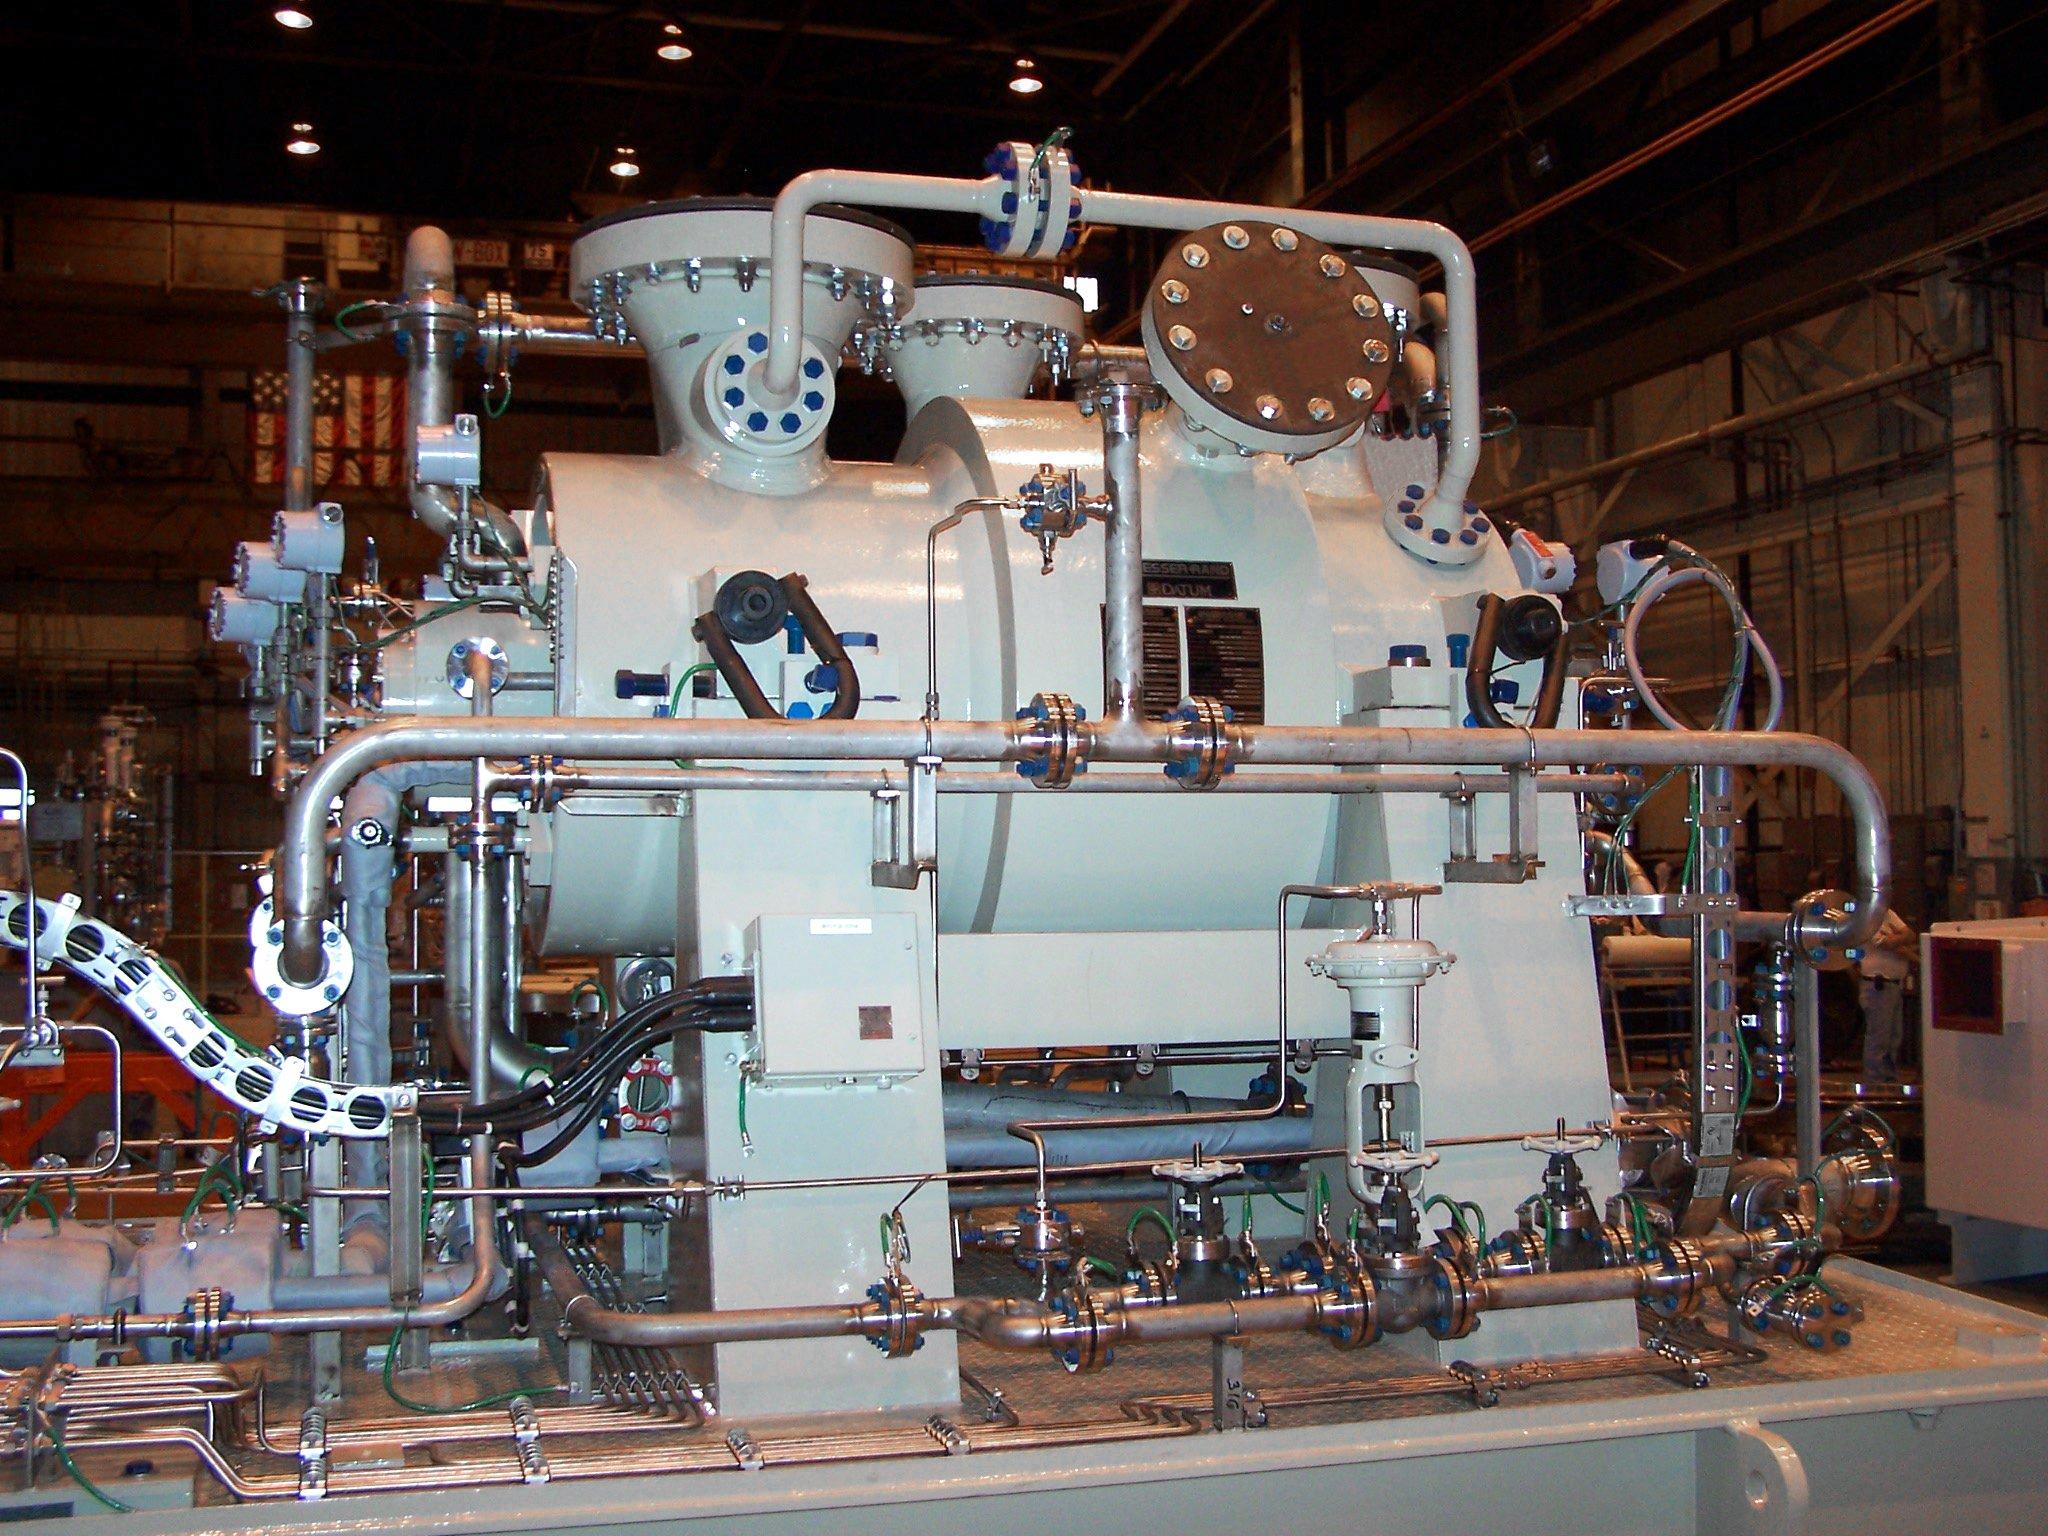 سيمنس: توريد ضواغط هواء لمشروع تخزين احتياطيات الغاز الطبيعي لأرامكو السعودية